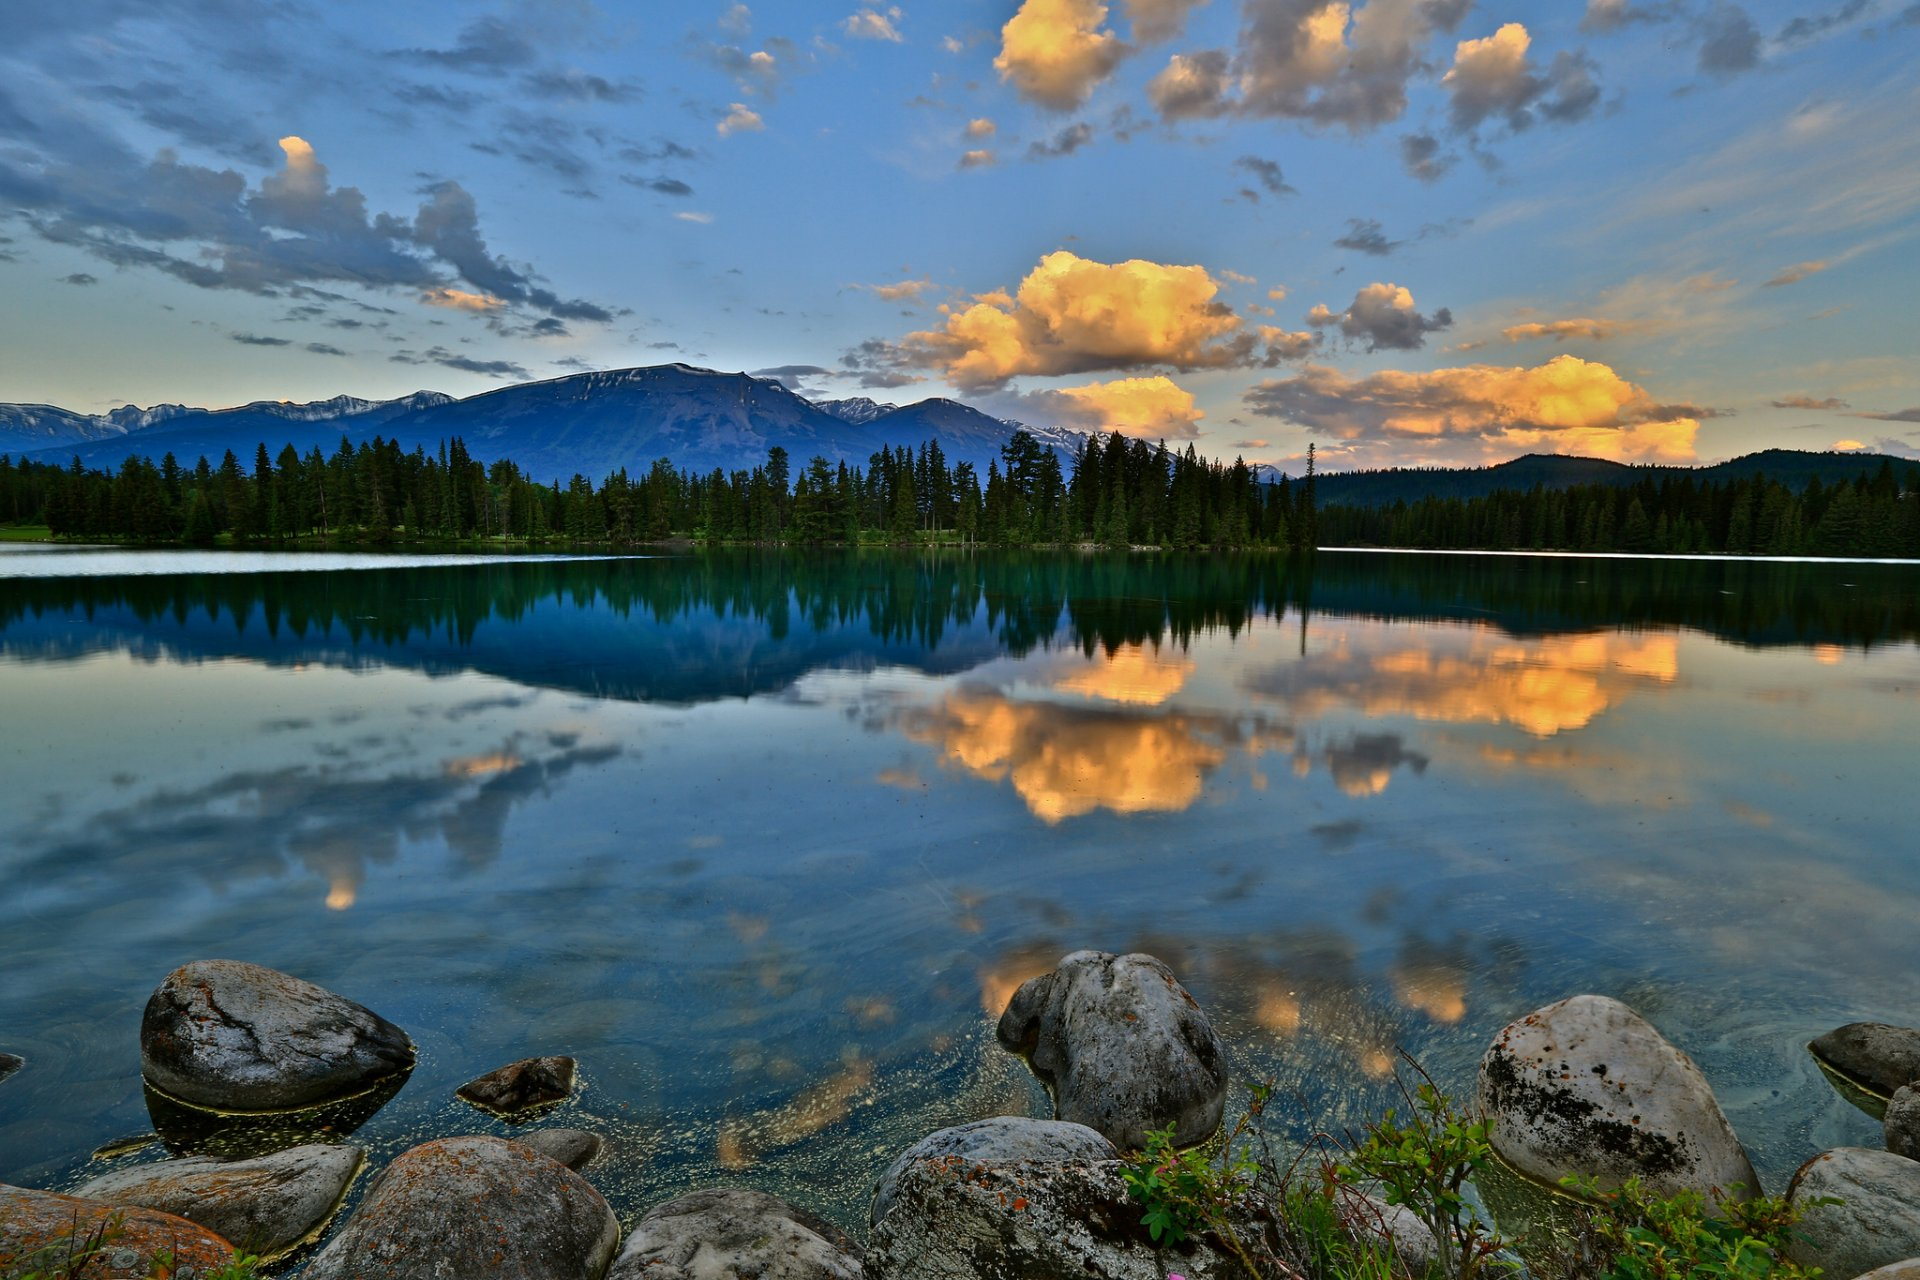 Облака над озером, галька, горы, лес  № 2950495 бесплатно